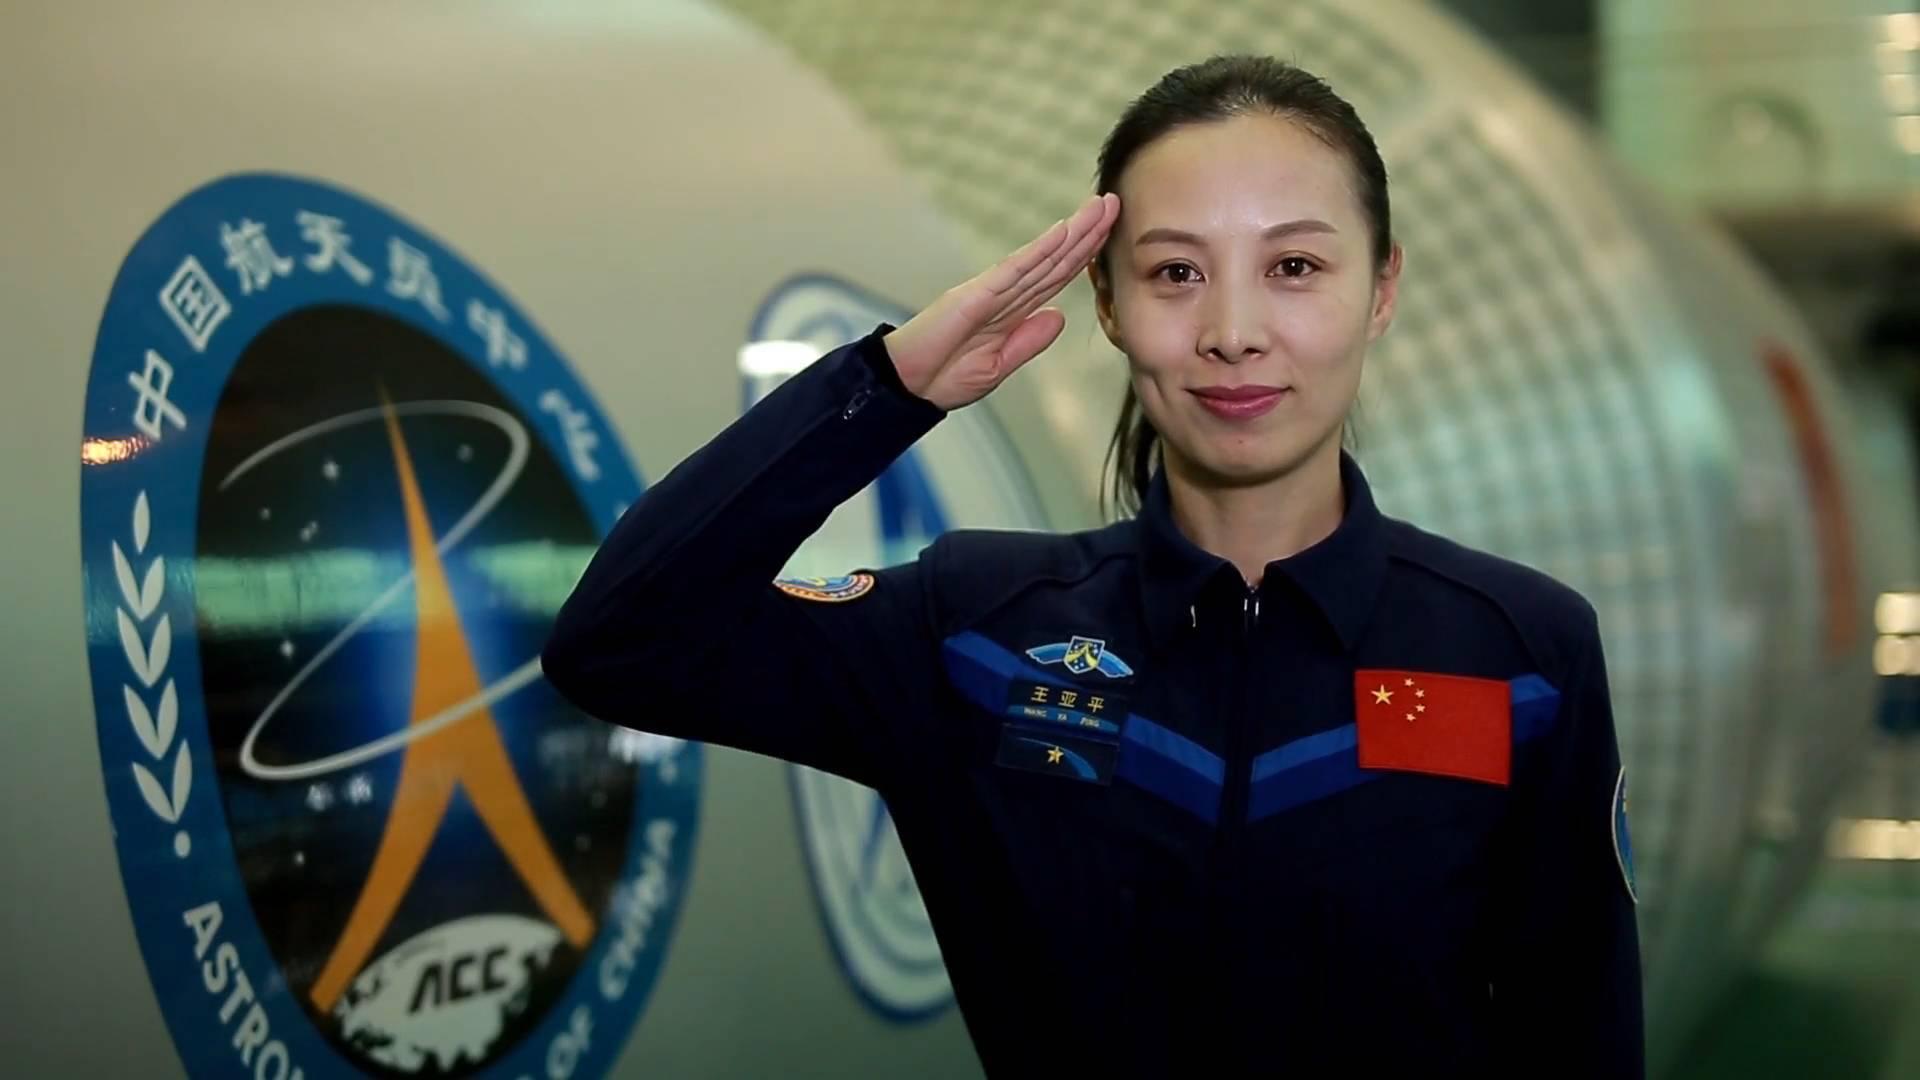 中国首位实施出舱活动的女航天员! 2分钟了解山东籍女航天员王亚平